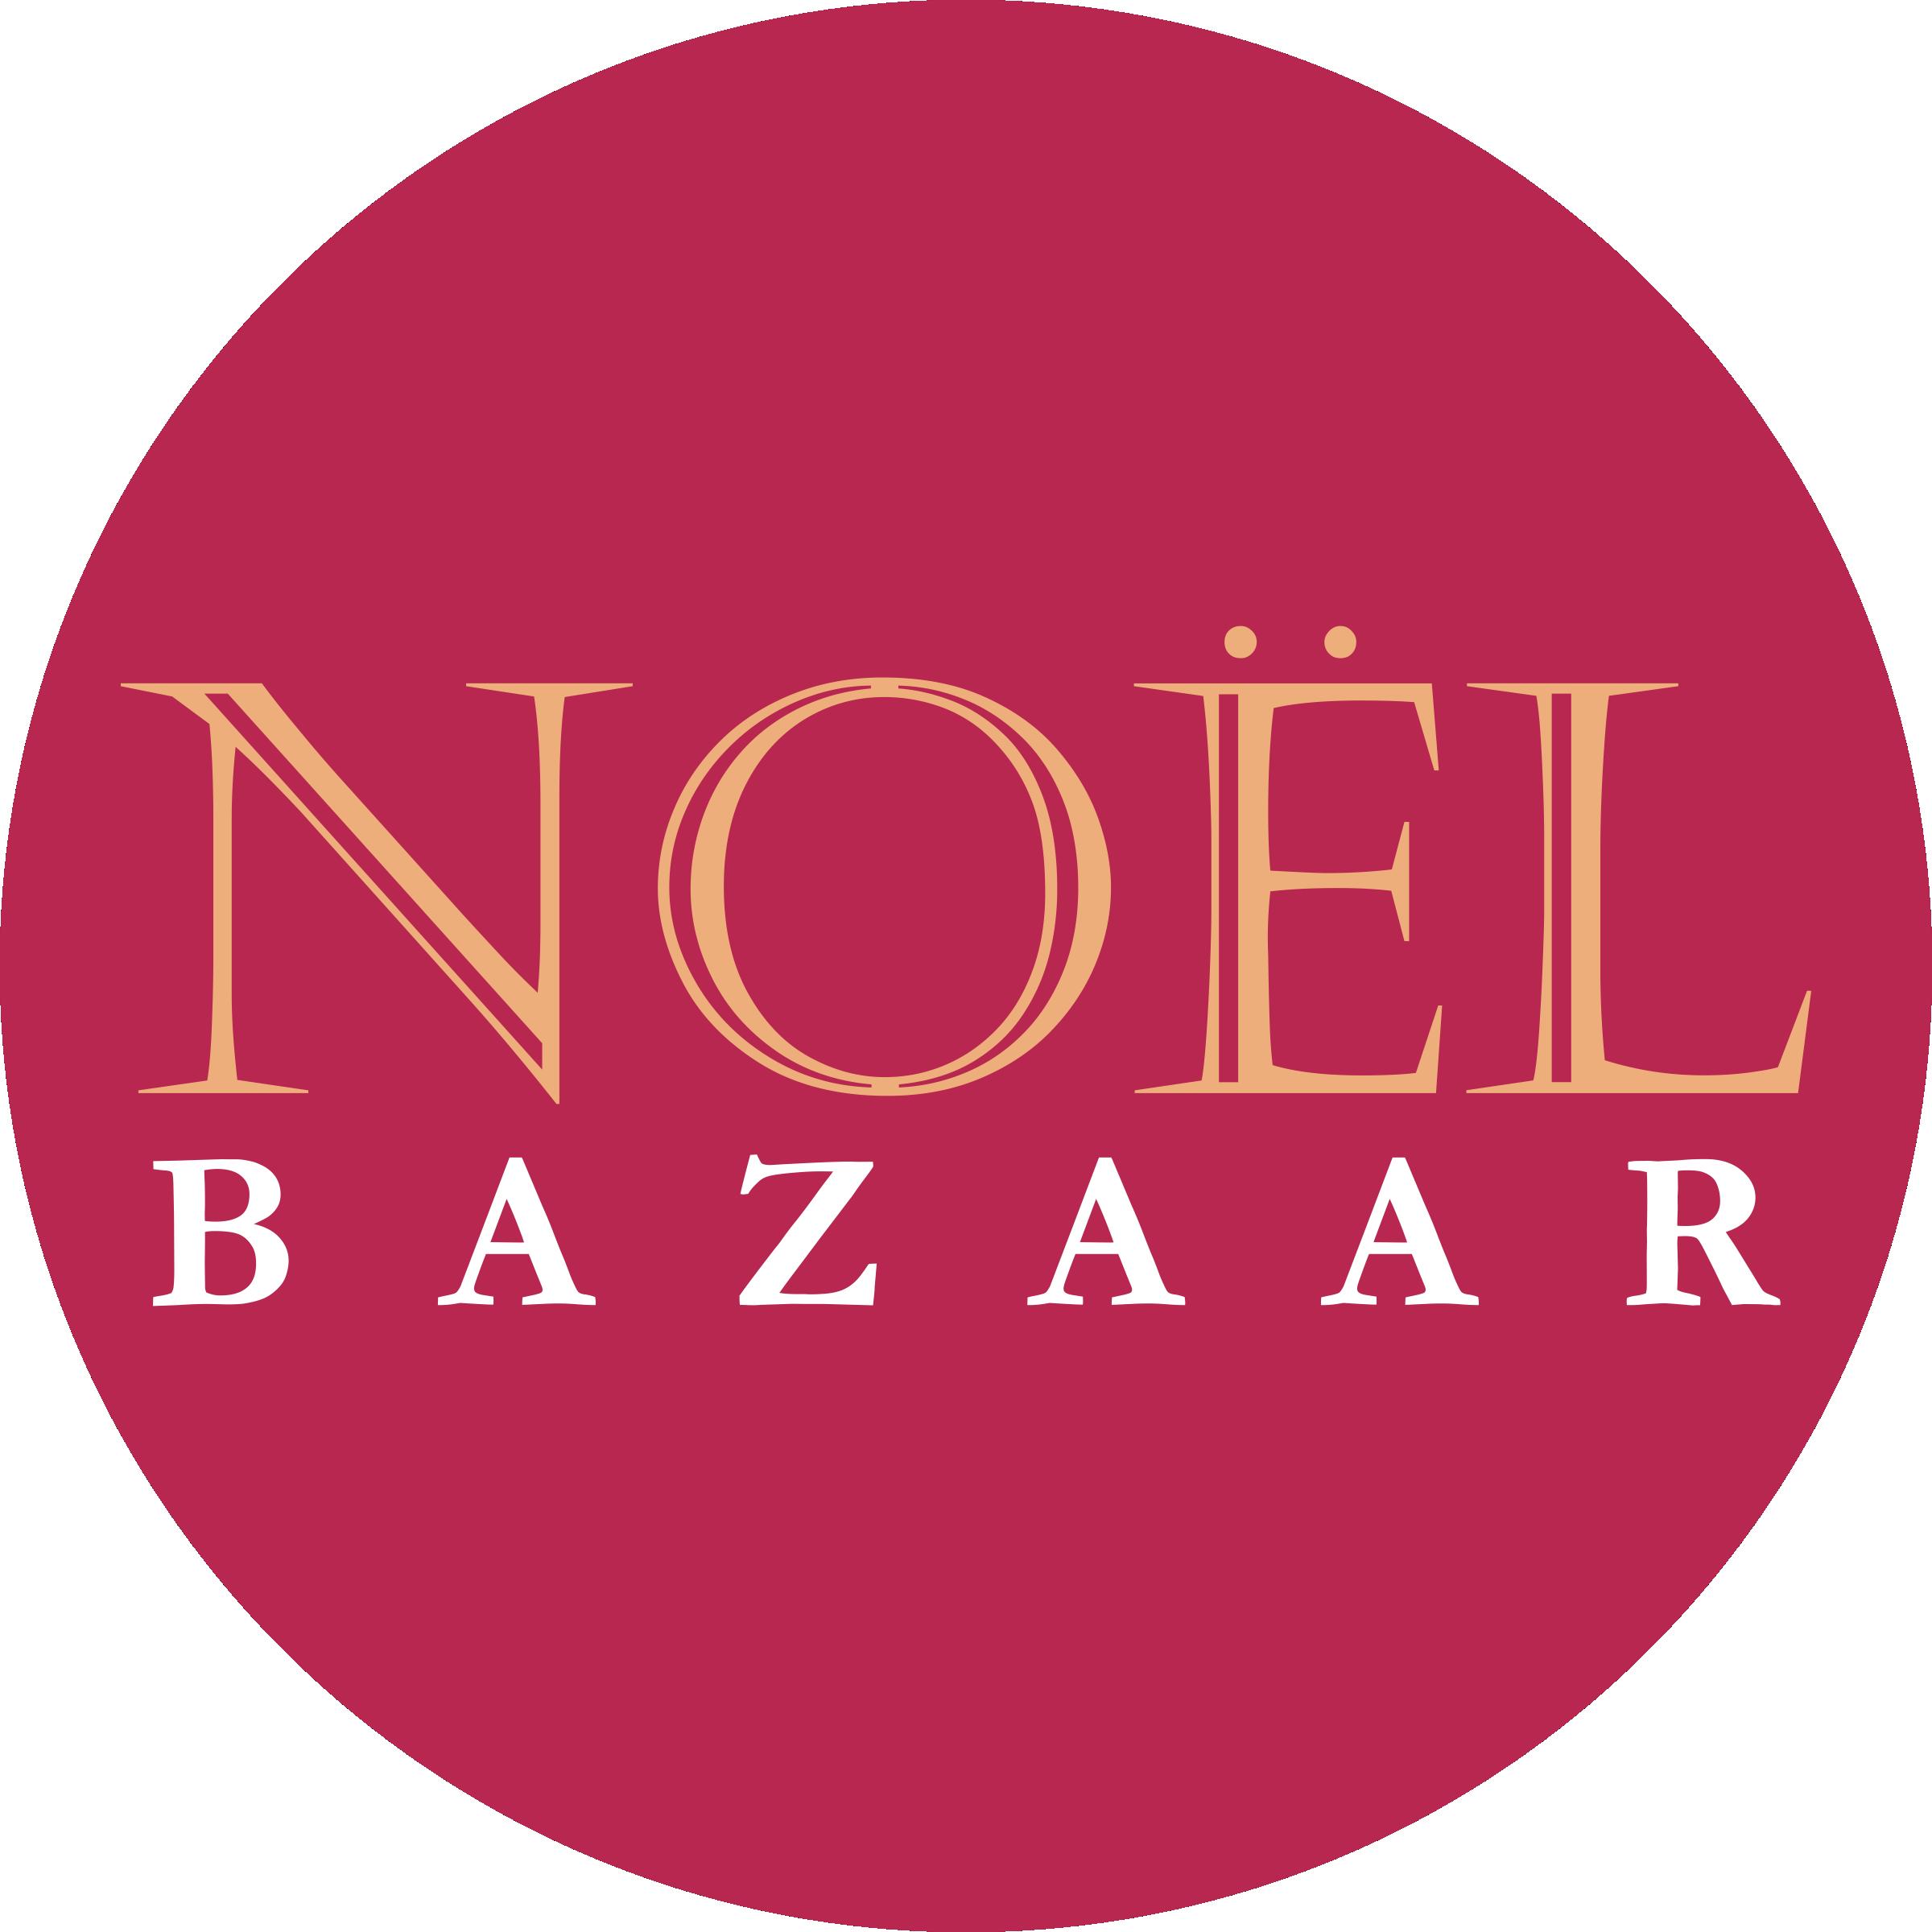 Noel Bazaar